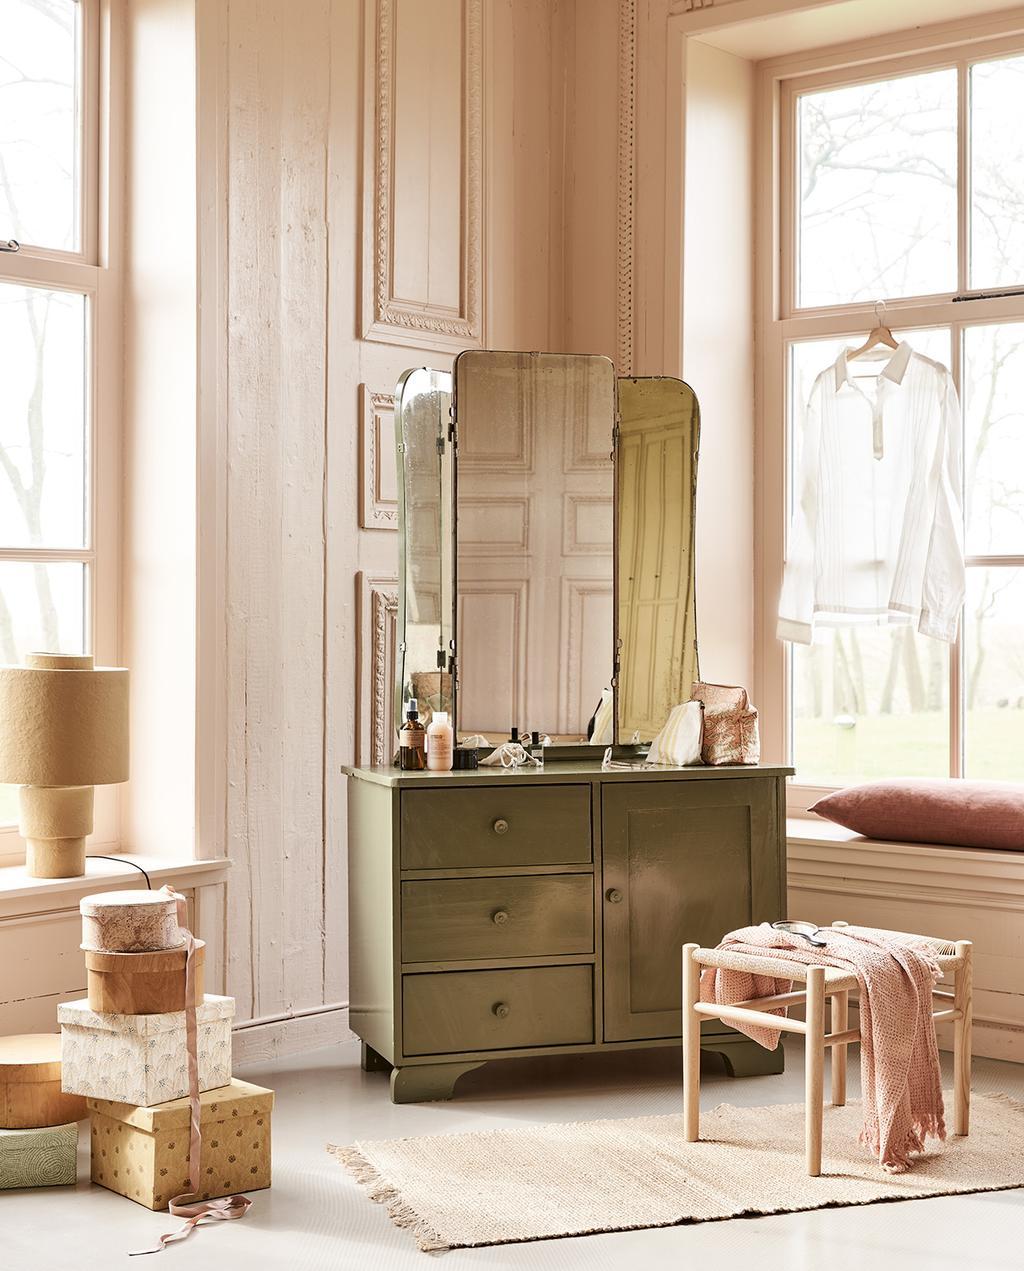 vtwonen 05-2021 | spiegel op dressoir met webbing krukje en vloerkleed